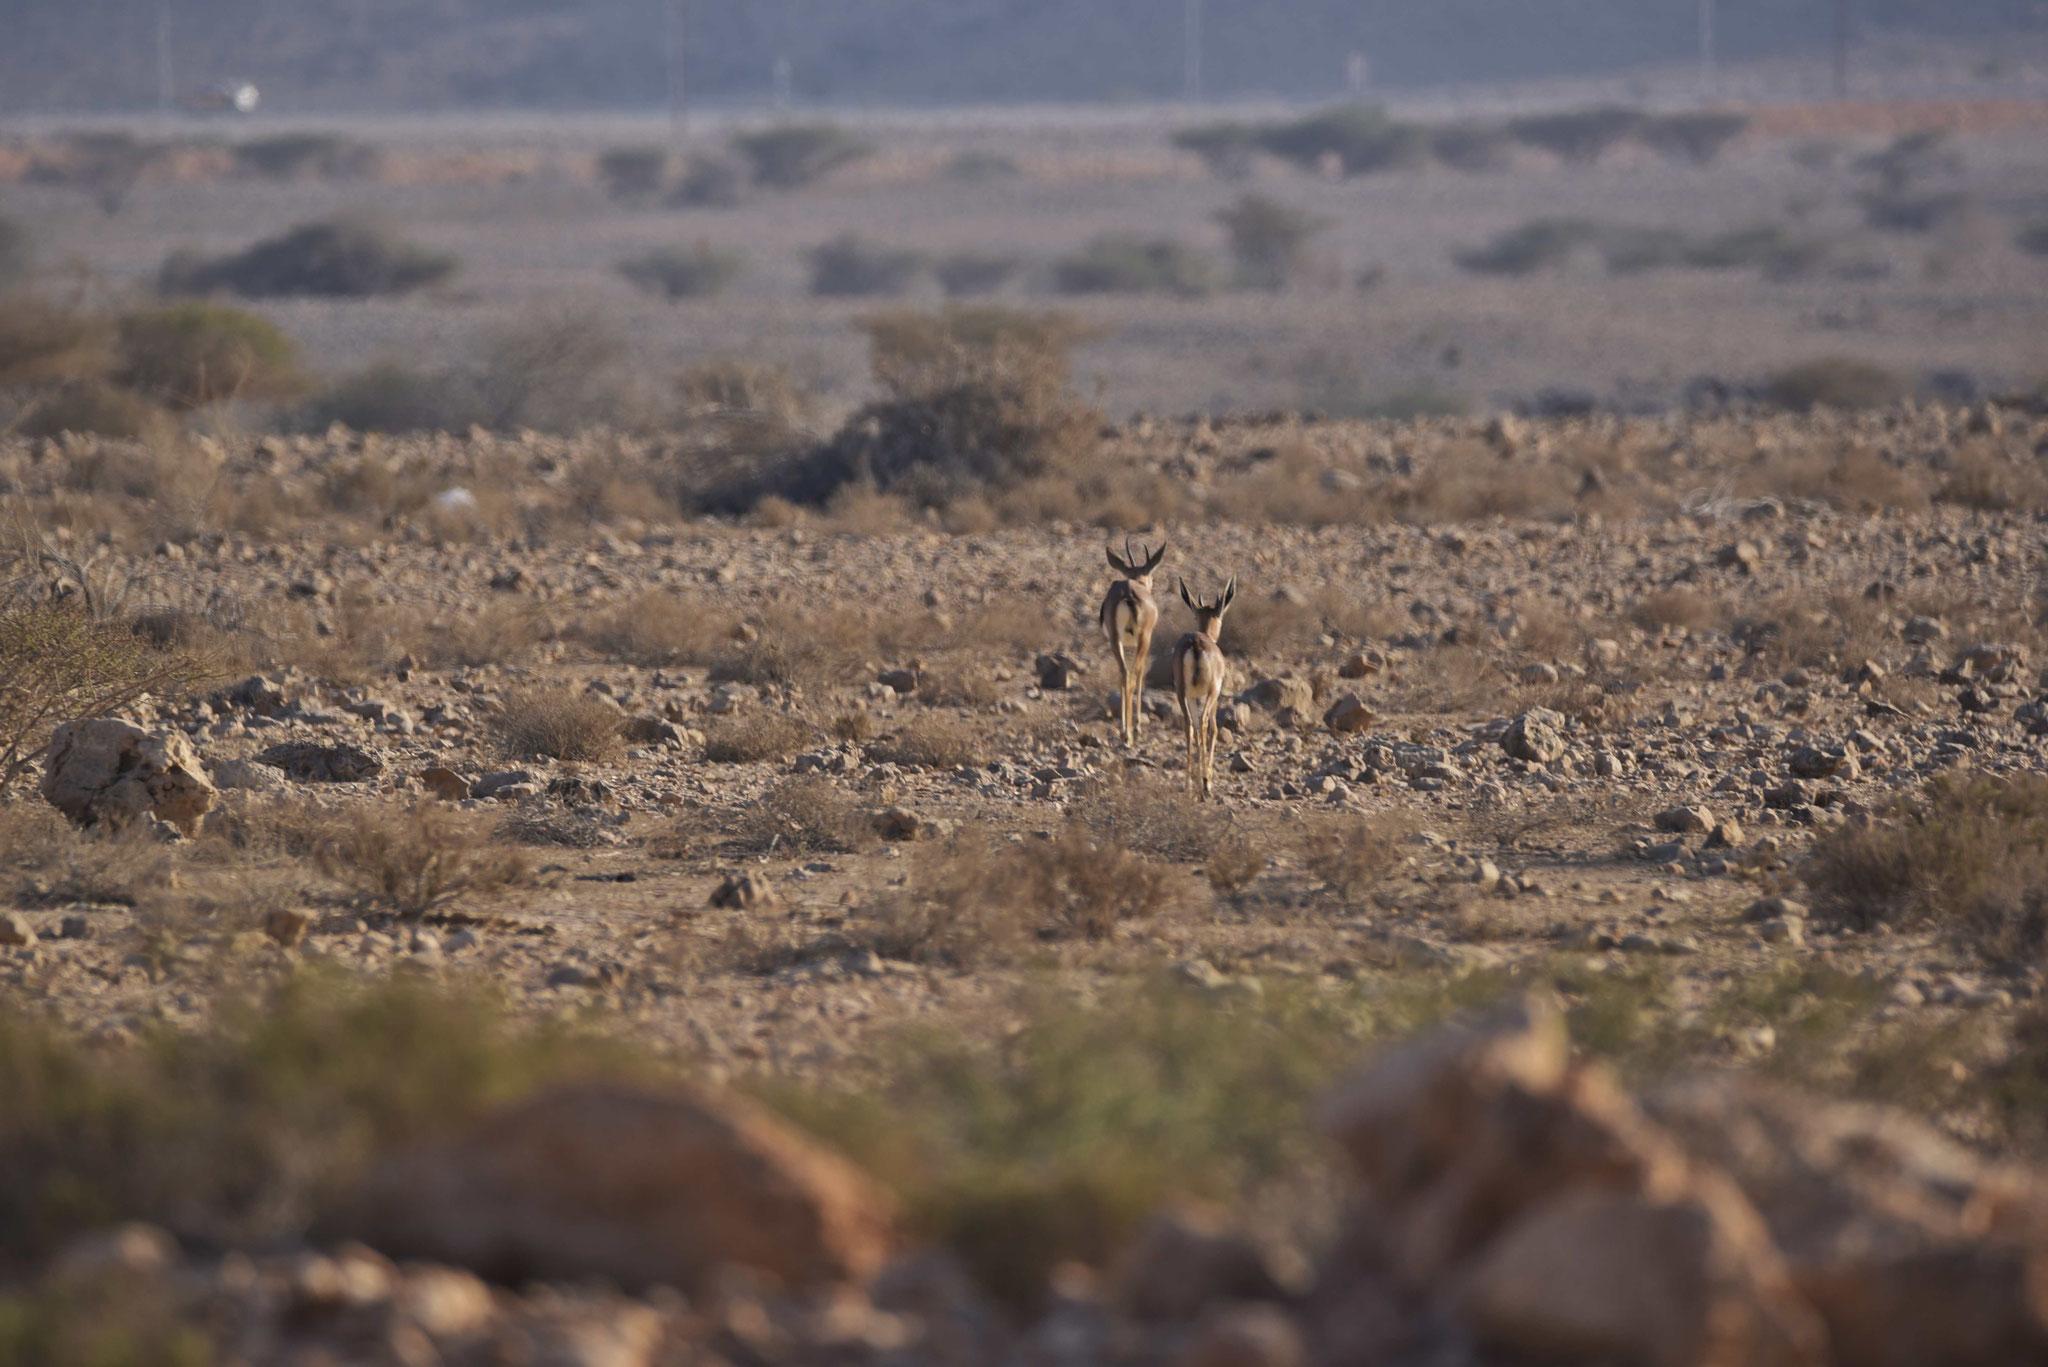 Mit viel Glück kann man auch Antilopen sehen